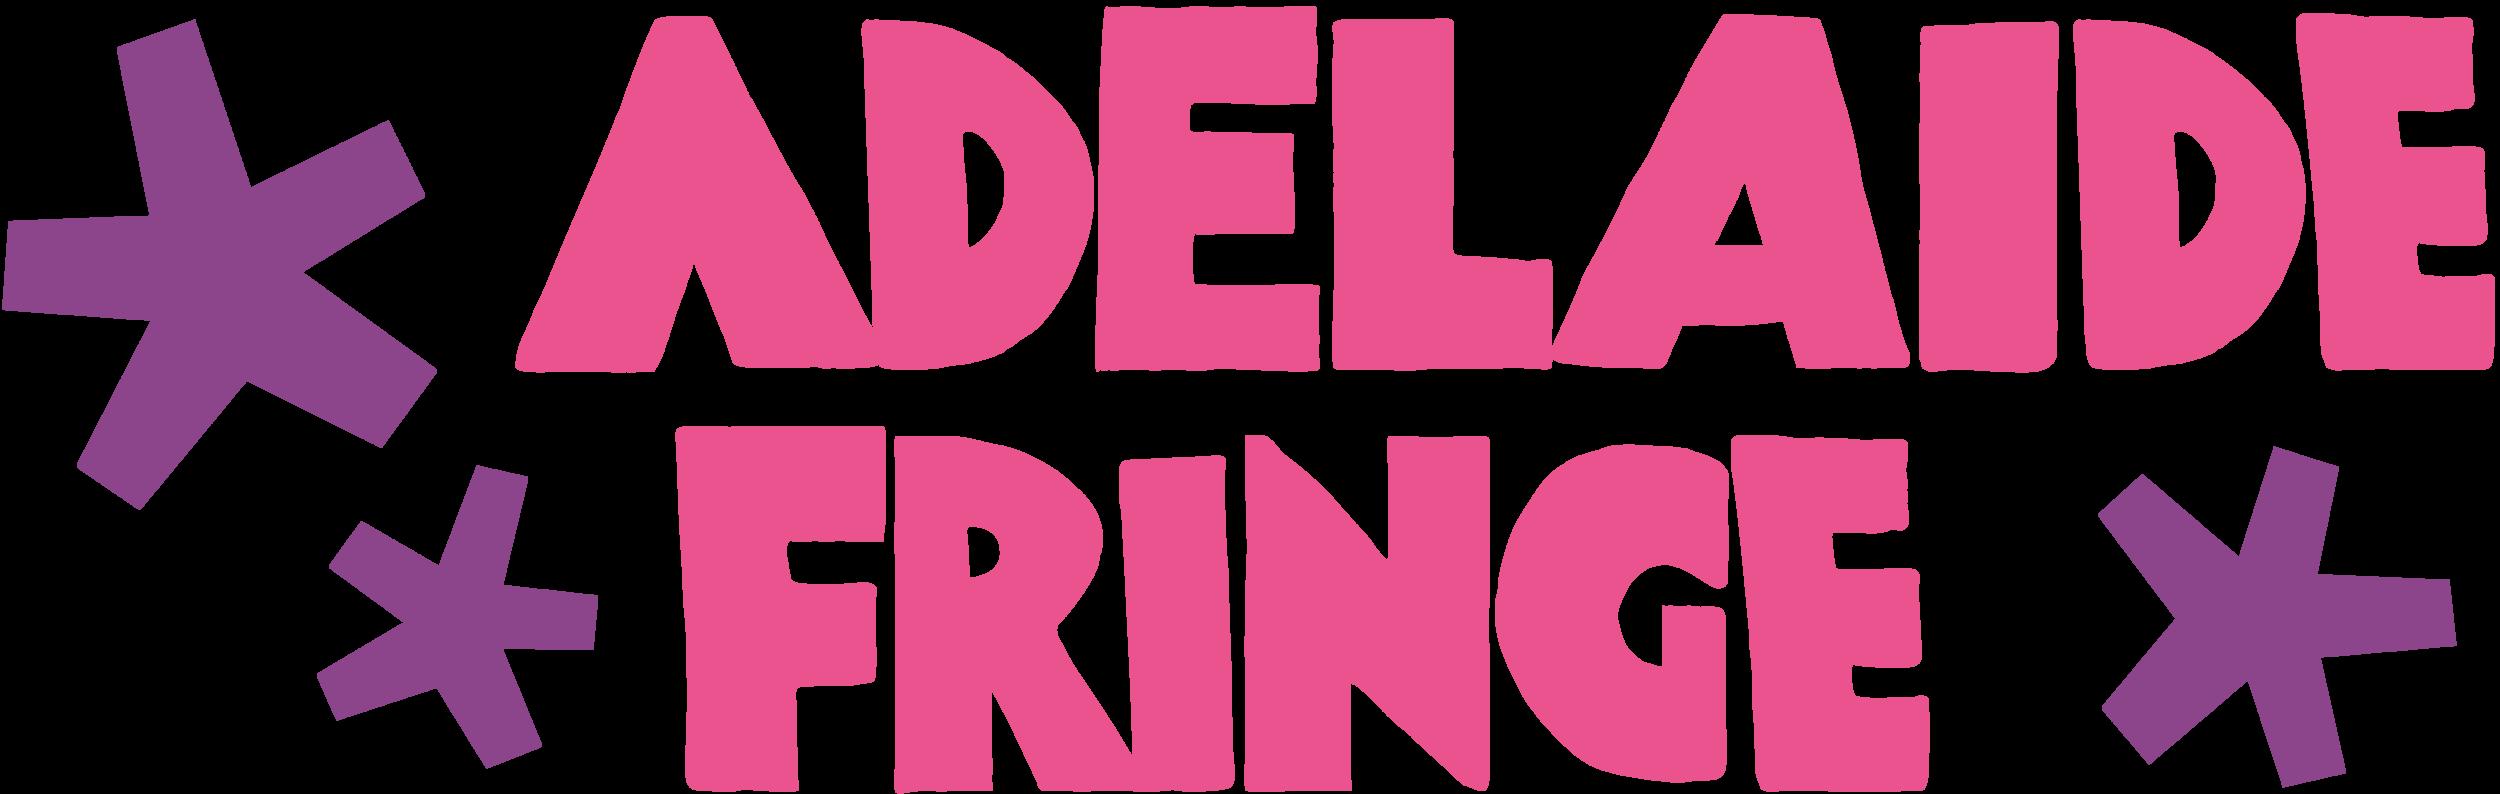 Adelaide_Fringe_logo_(2018).png